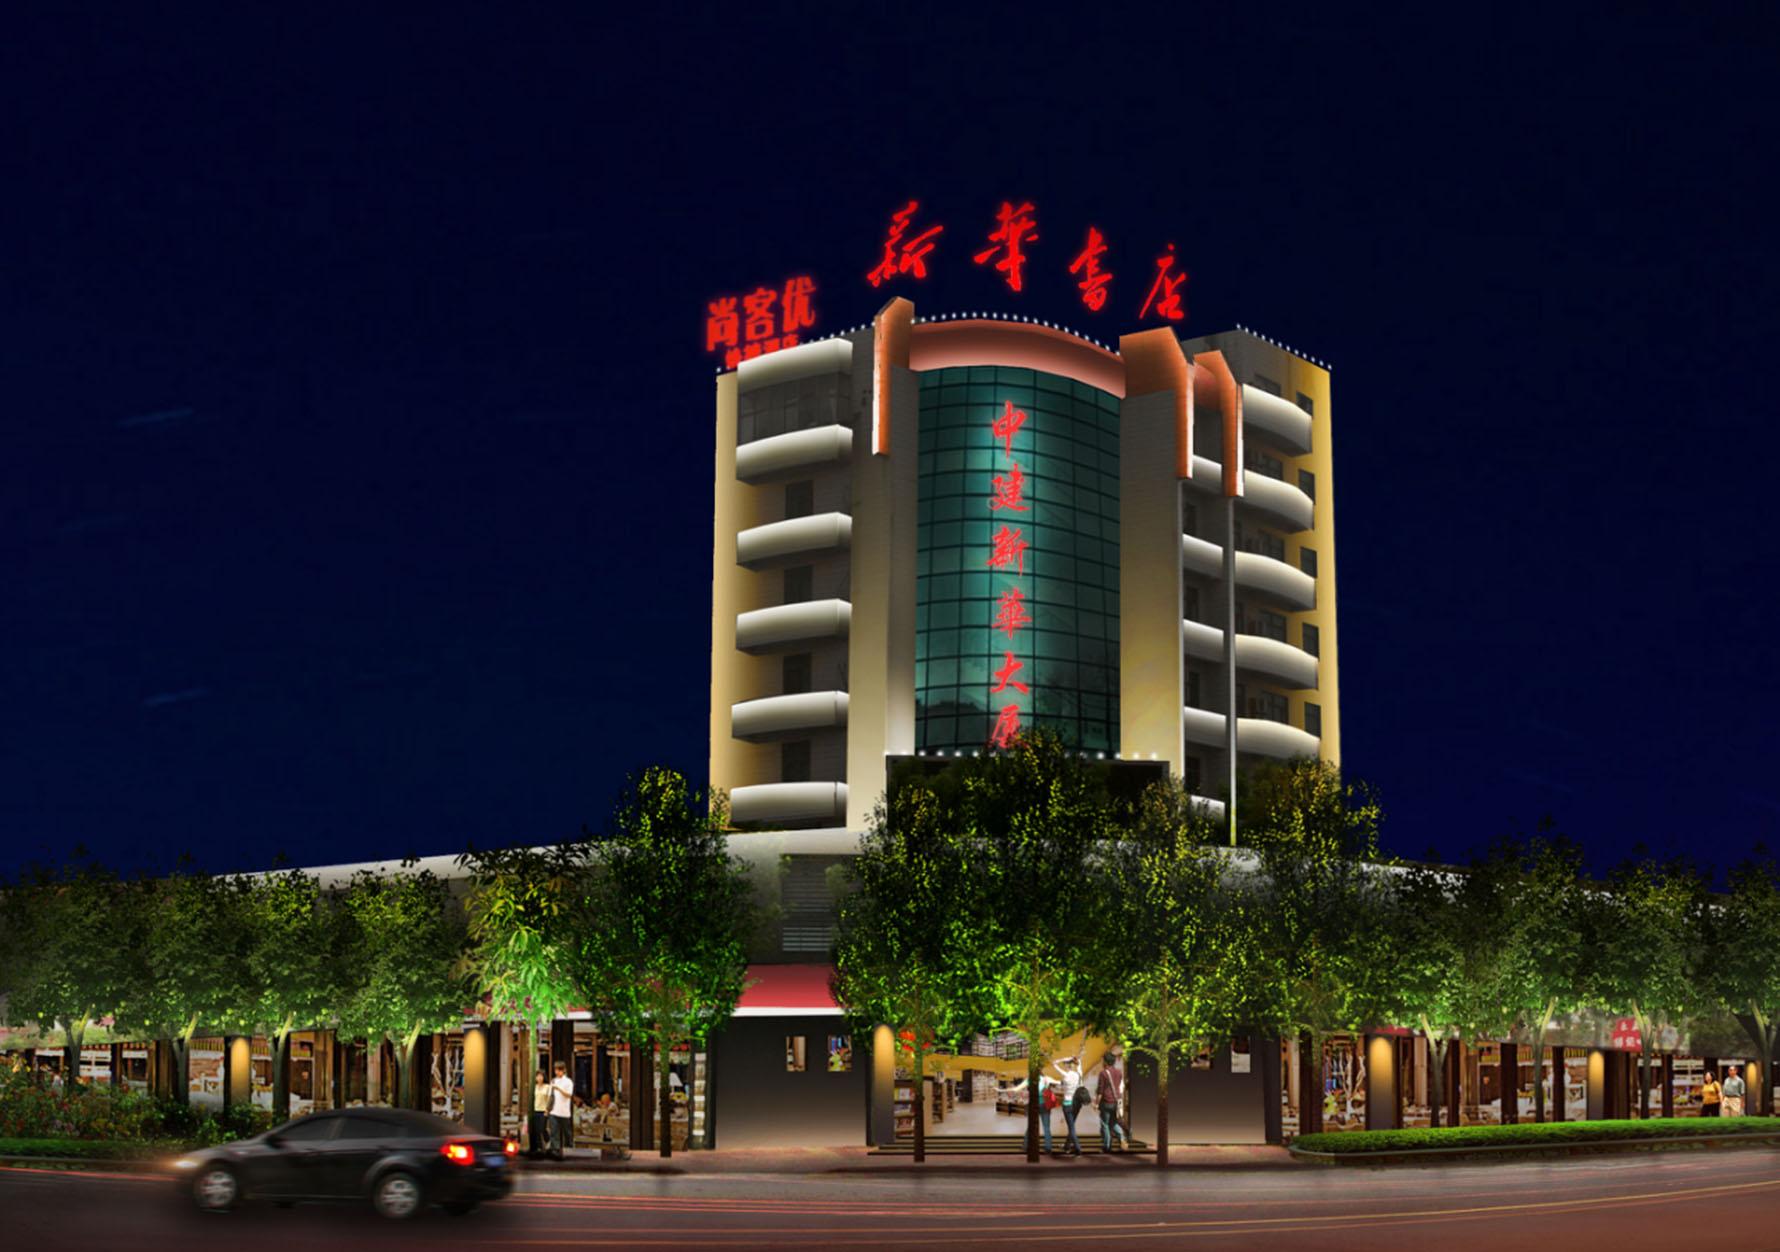 宁津城区景观照明设计